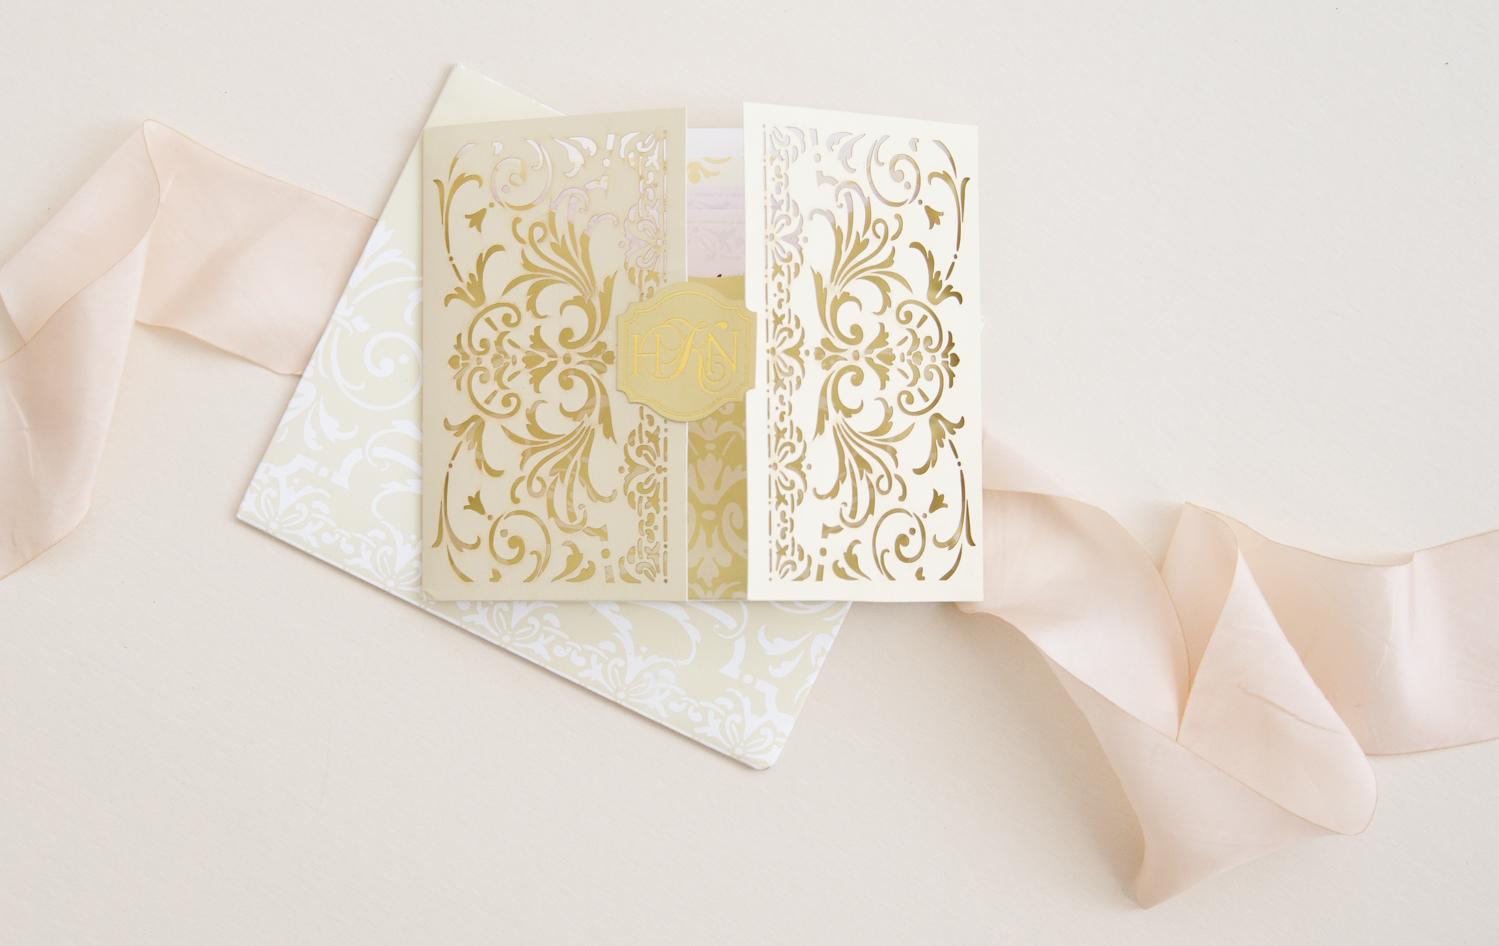 gated wedding invitation with lasercut botanical design